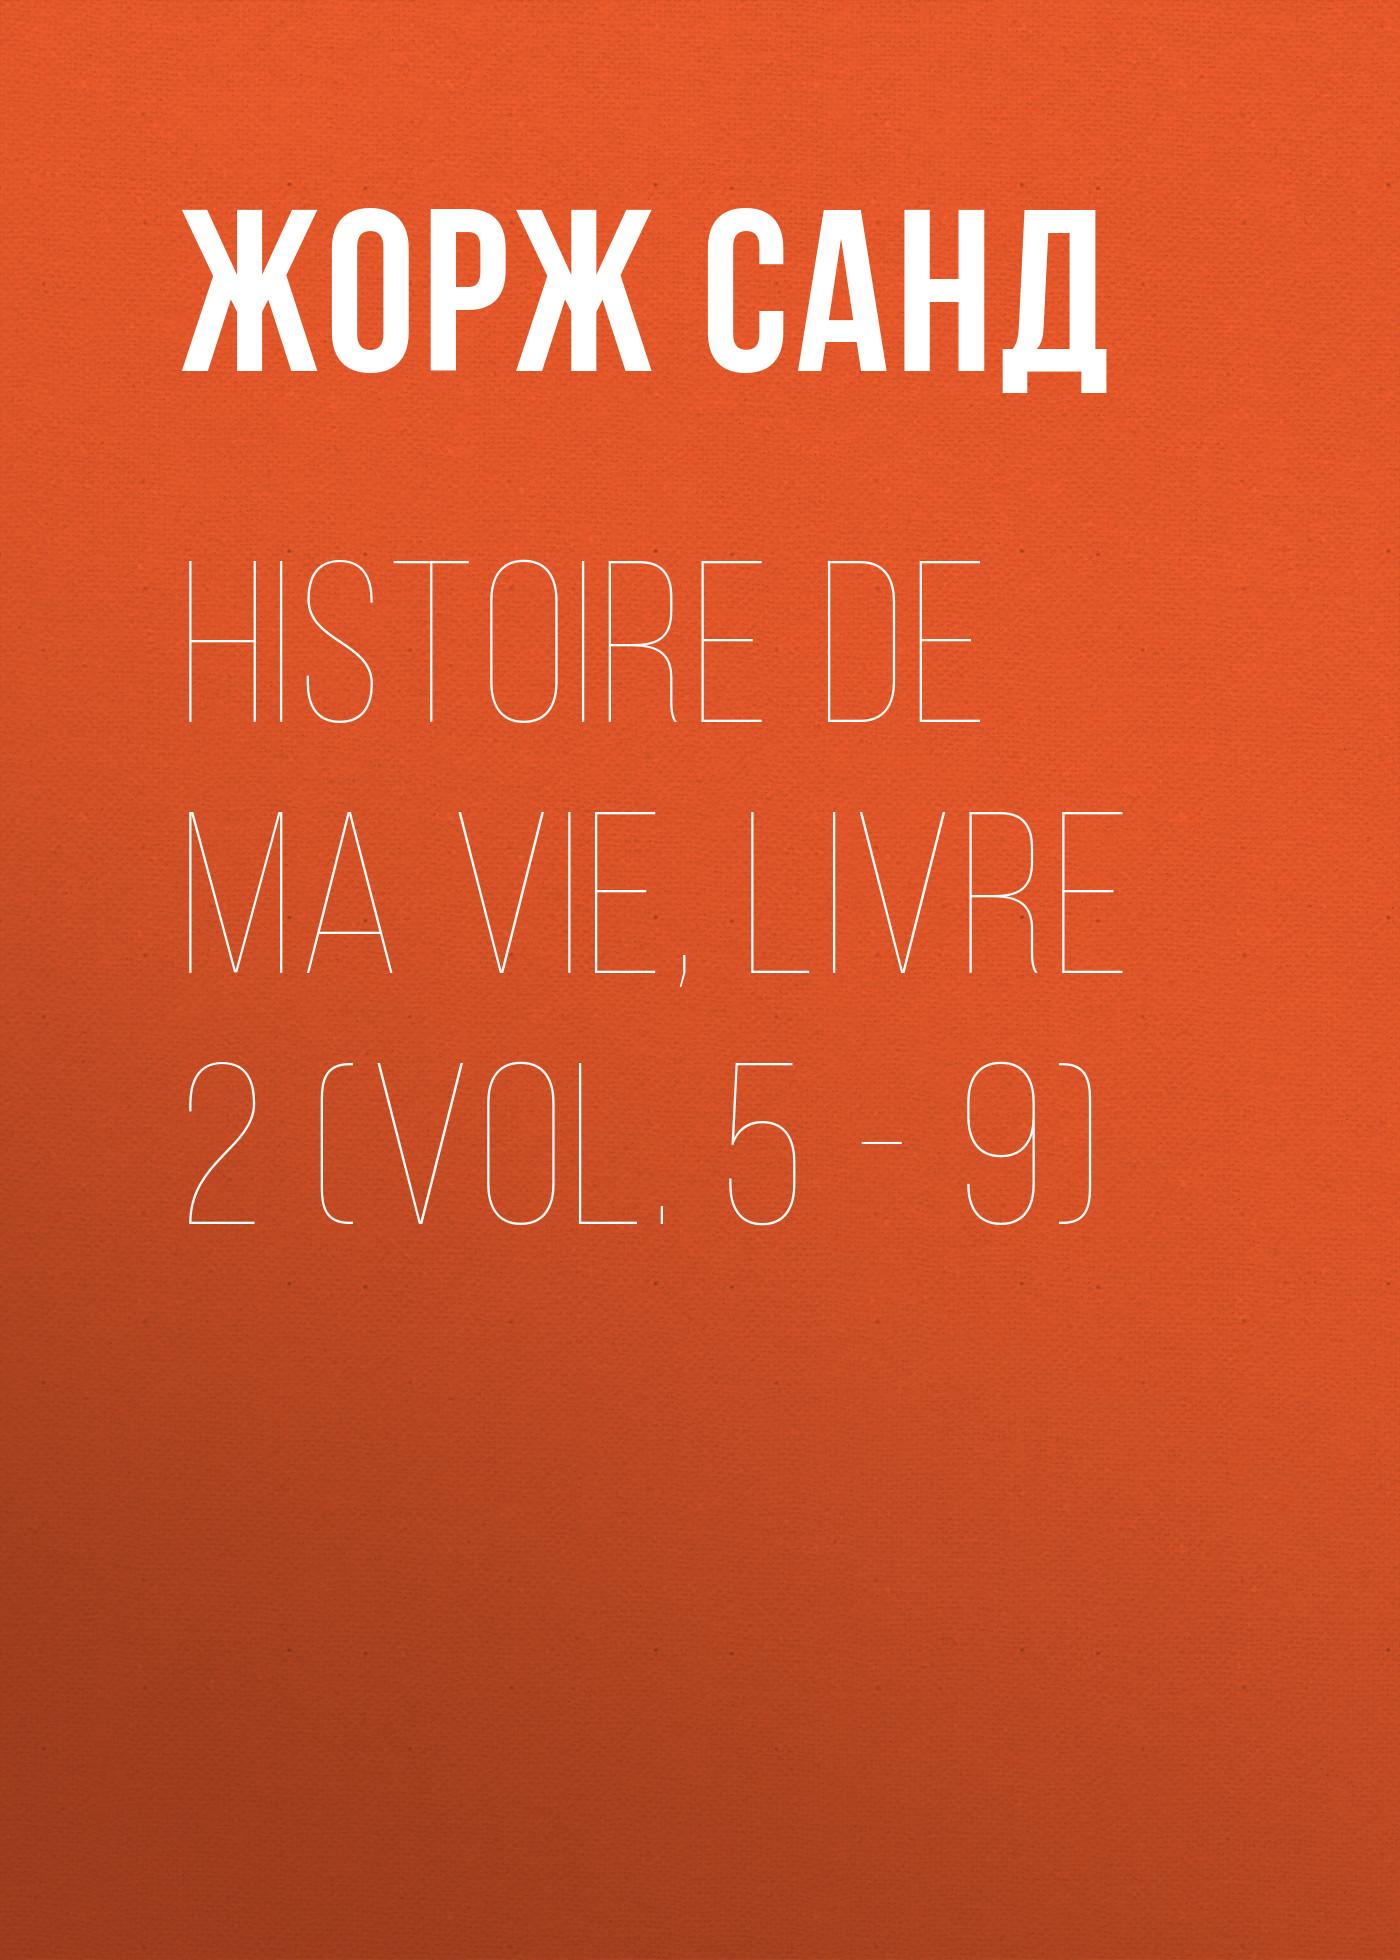 Жорж Санд Histoire de ma Vie, Livre 2 (Vol. 5 - 9) delf a2 livre cd